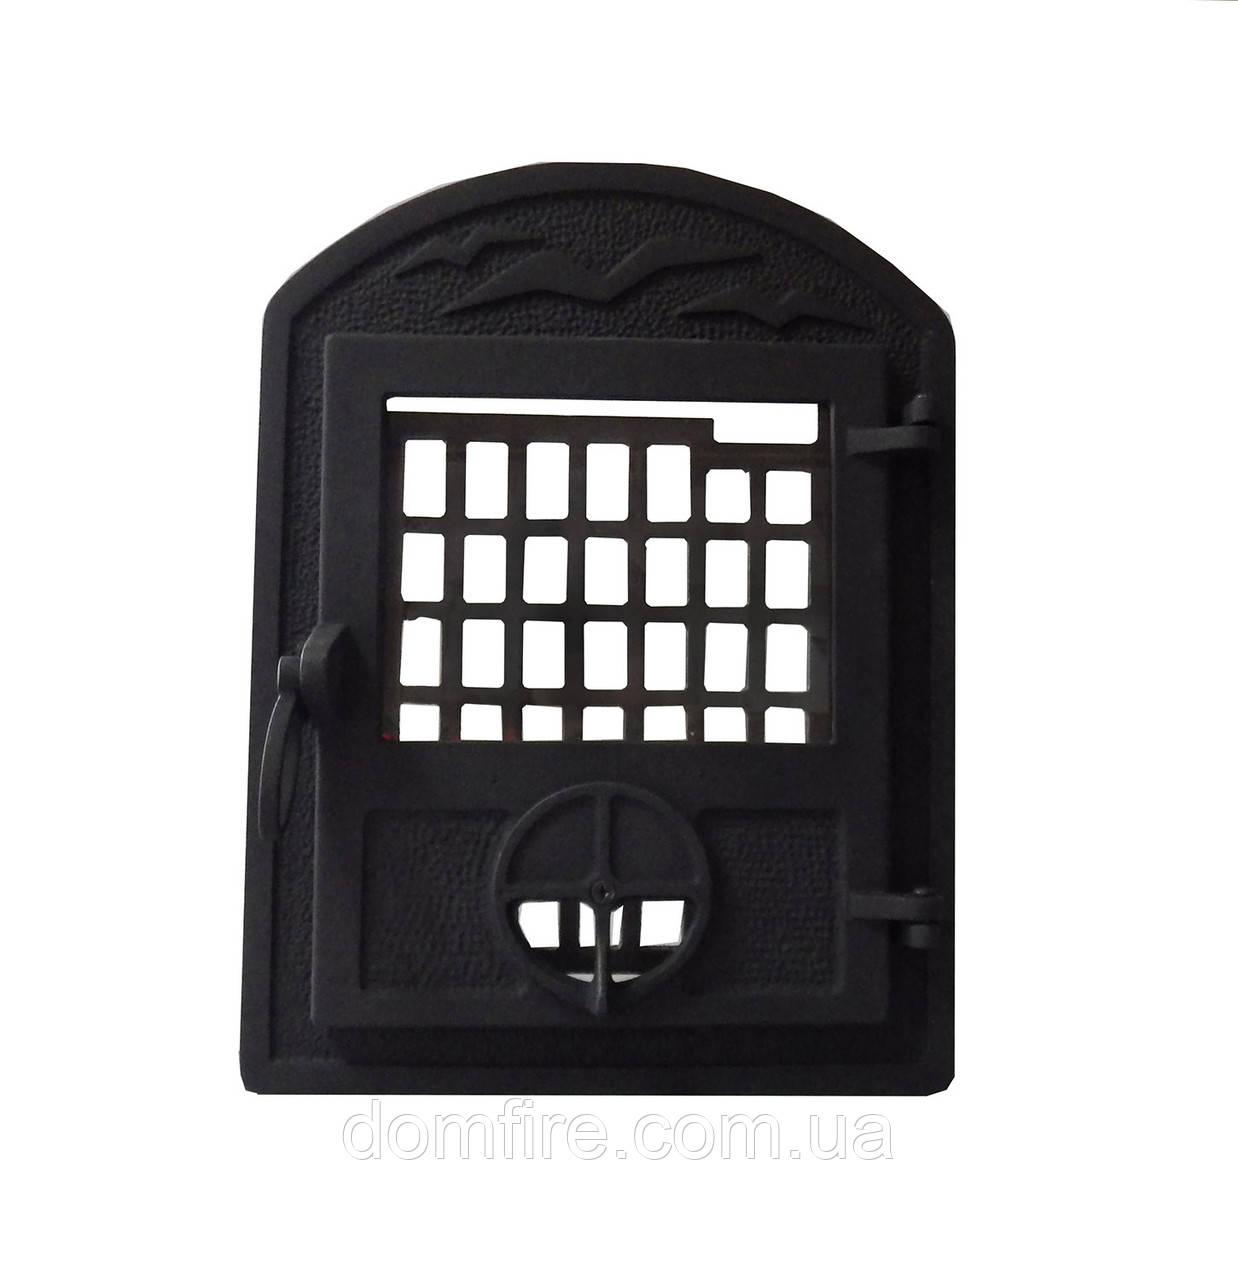 Чугунная каминная дверца - VVK 35x46см-27x33см - Domfire - тепло в Вашем доме в Ужгороде